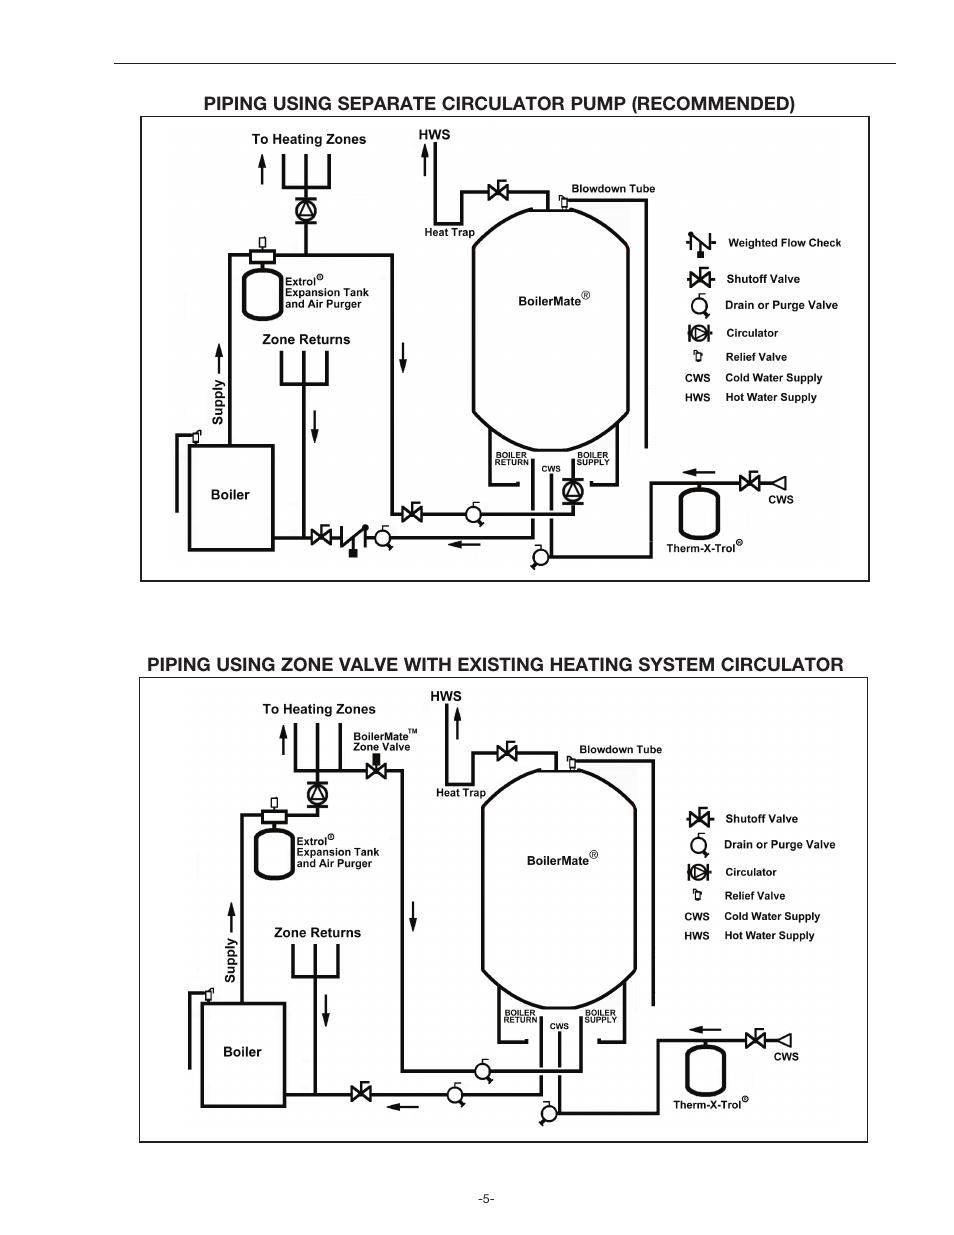 amtrol boilermate top down user manual page 5 32 original mode rh manualsdir com